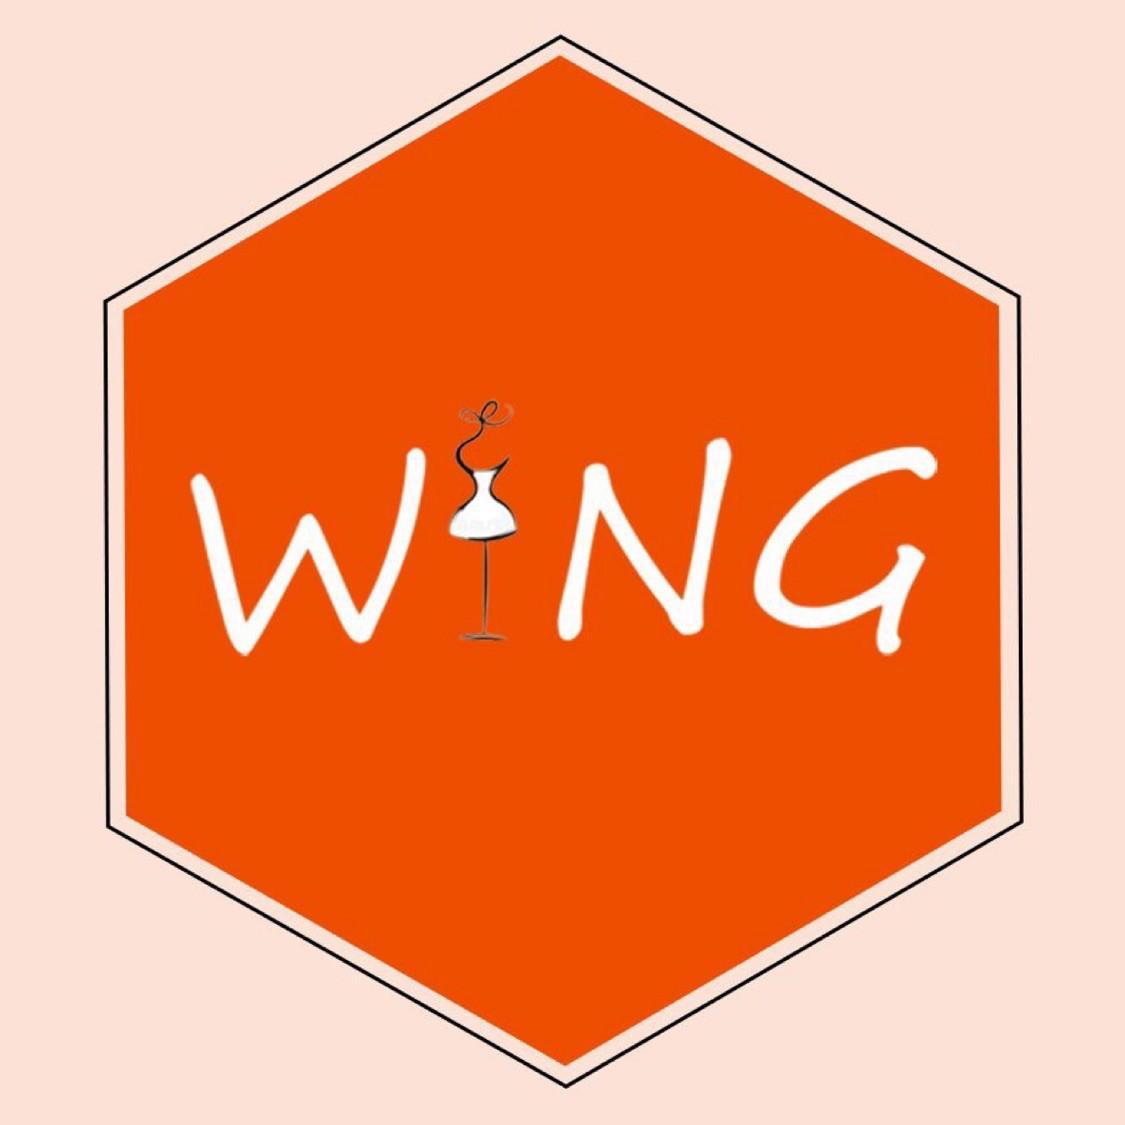 WI:NG Beauty